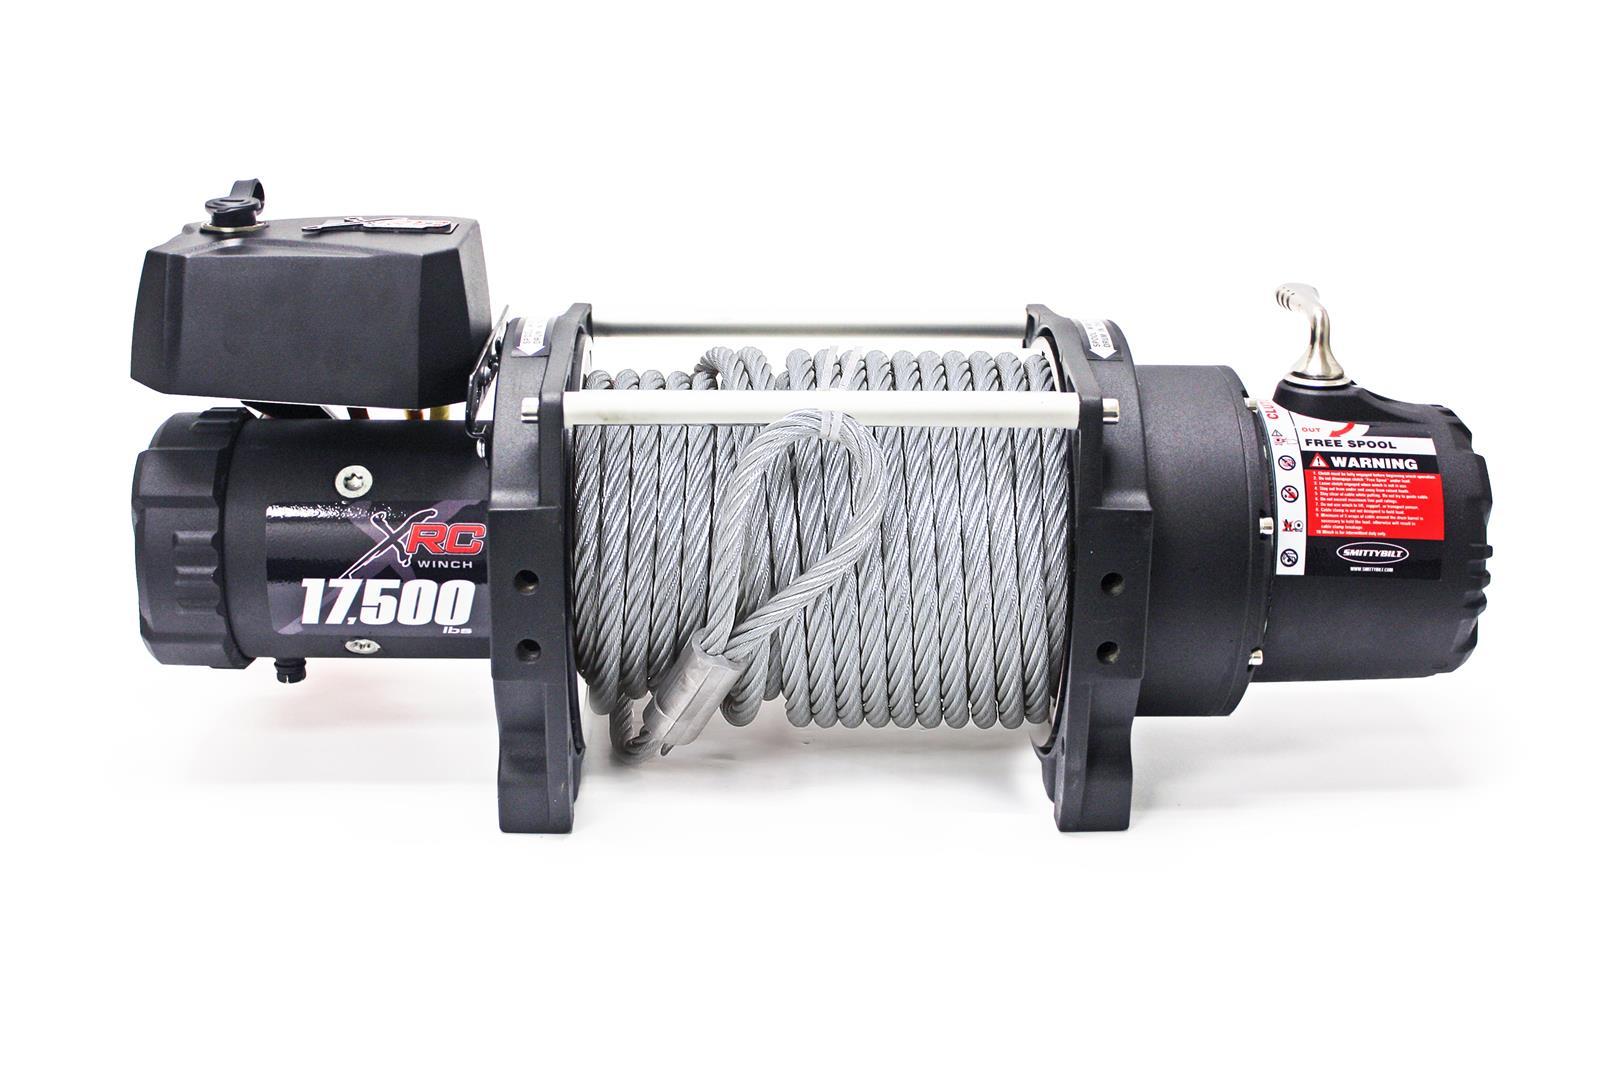 [Smittybilt 正規品] XRC-17.5K ウィンチ GEN2 17,500ポンド(約7,938kg) 12V